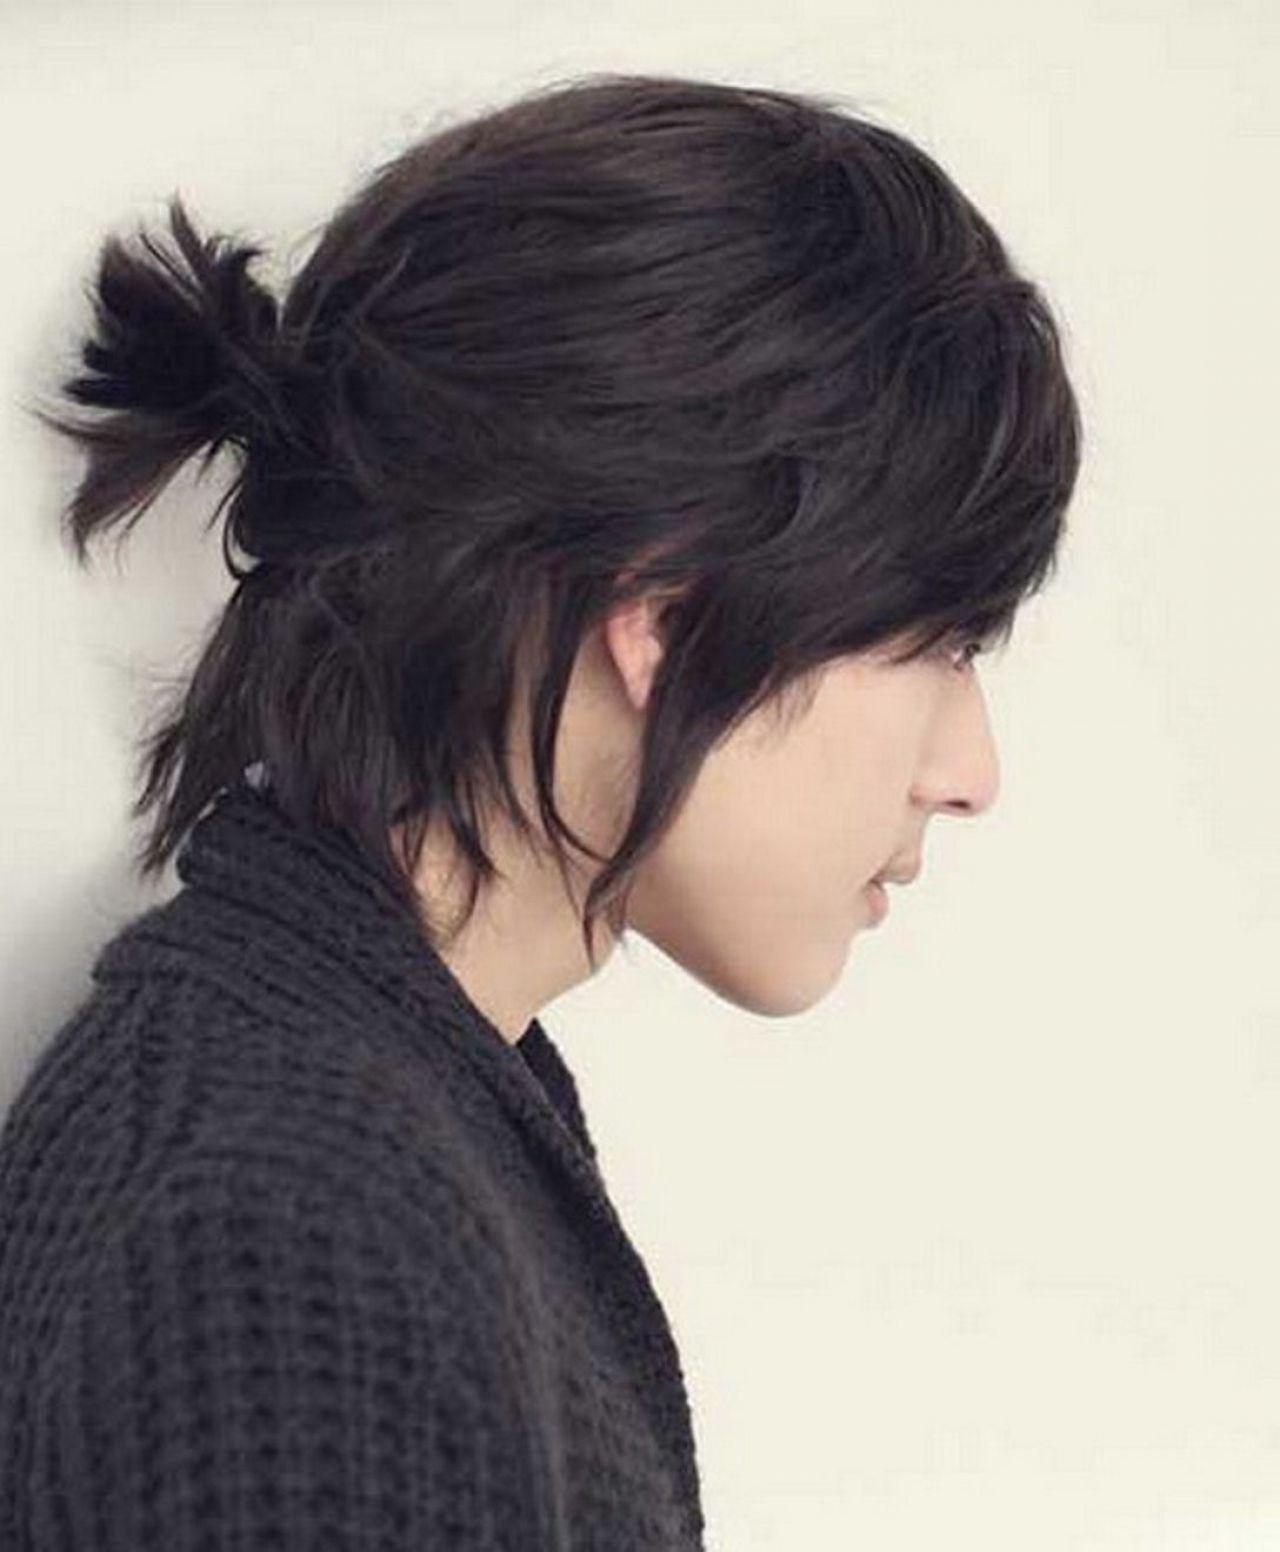 Long Hairstyles For Asian Men Nvcoj52Hj   Inspiration,   Asian Men within Superb Asian Long Hairstyles Male